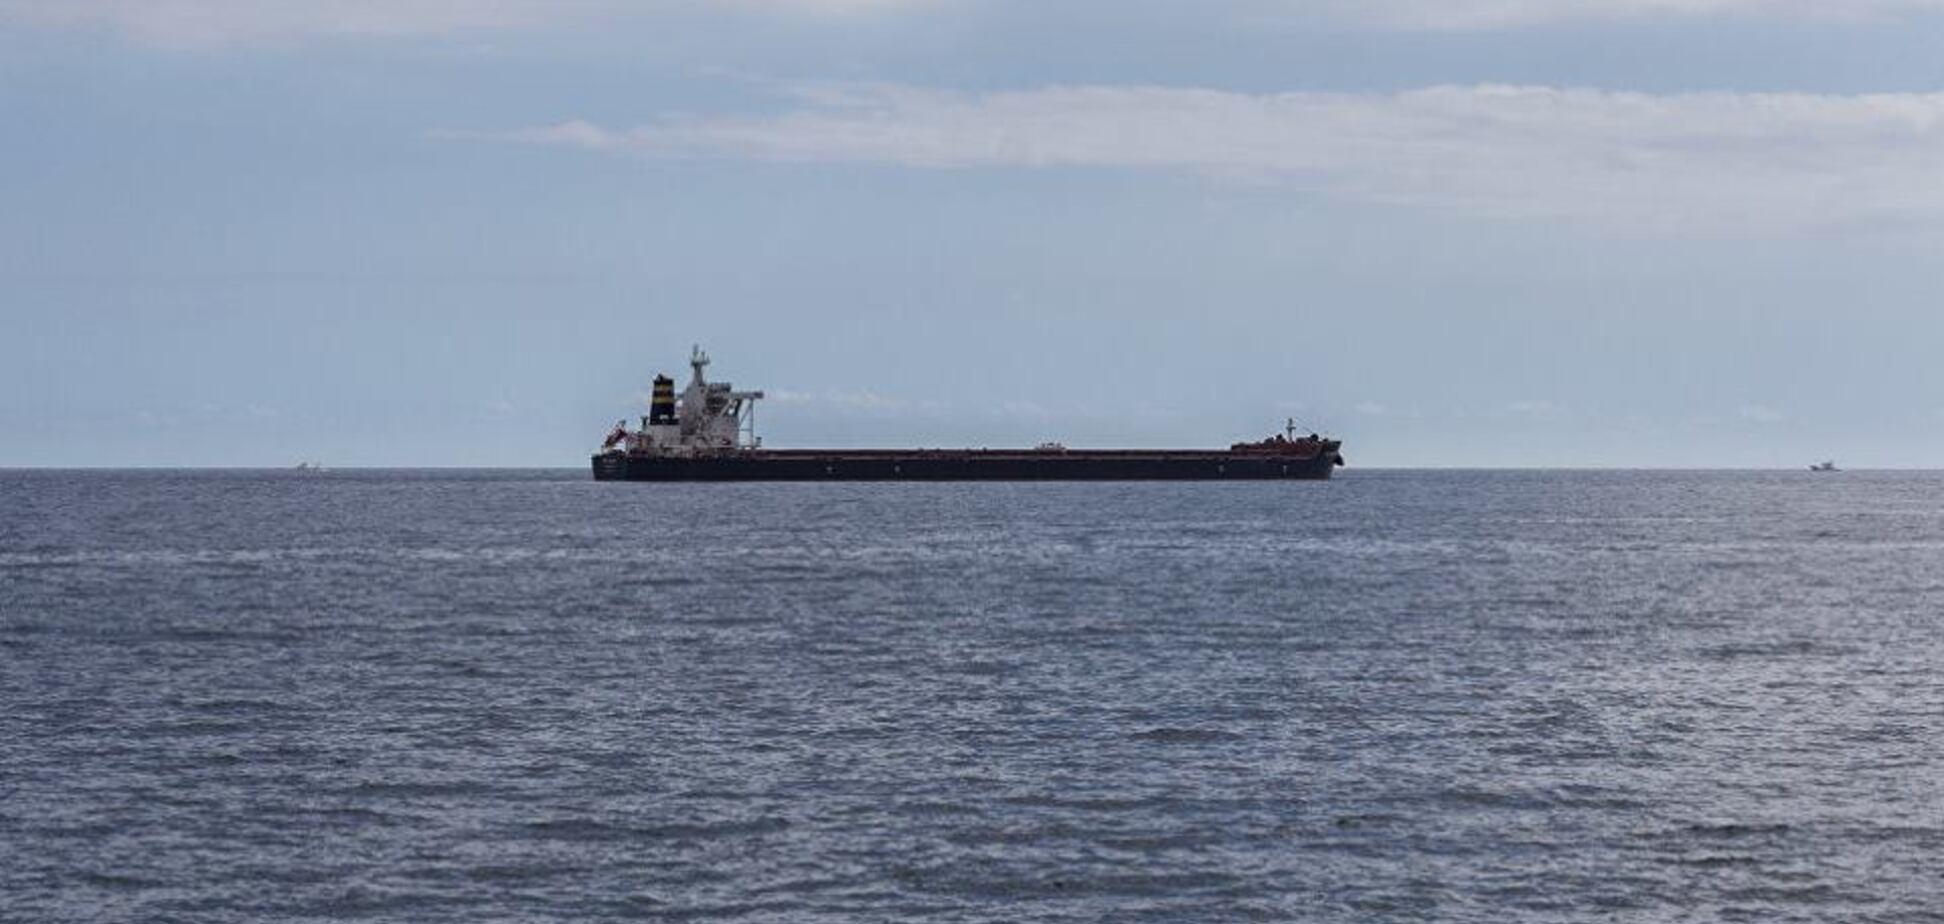 Пограничники задержали танкер 'Мрия' - 'Тефин'